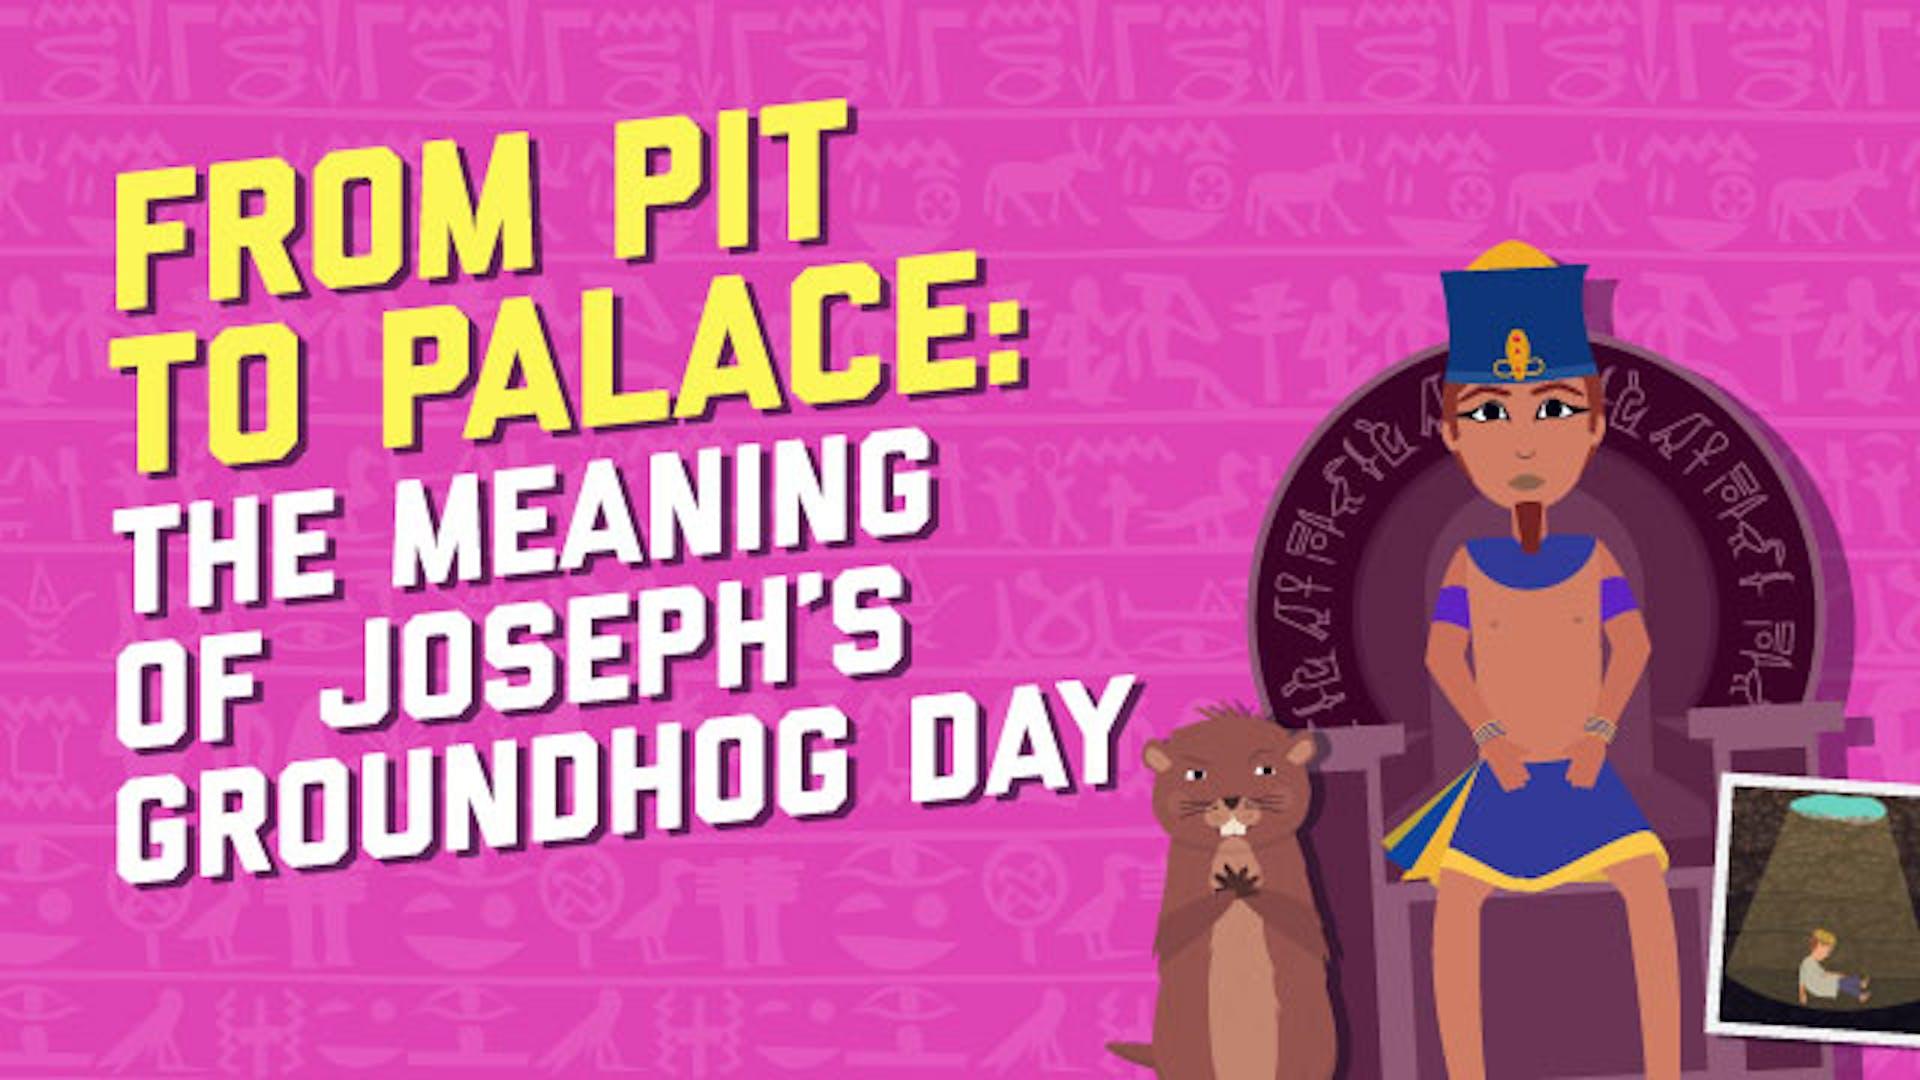 Joseph pit to palace story